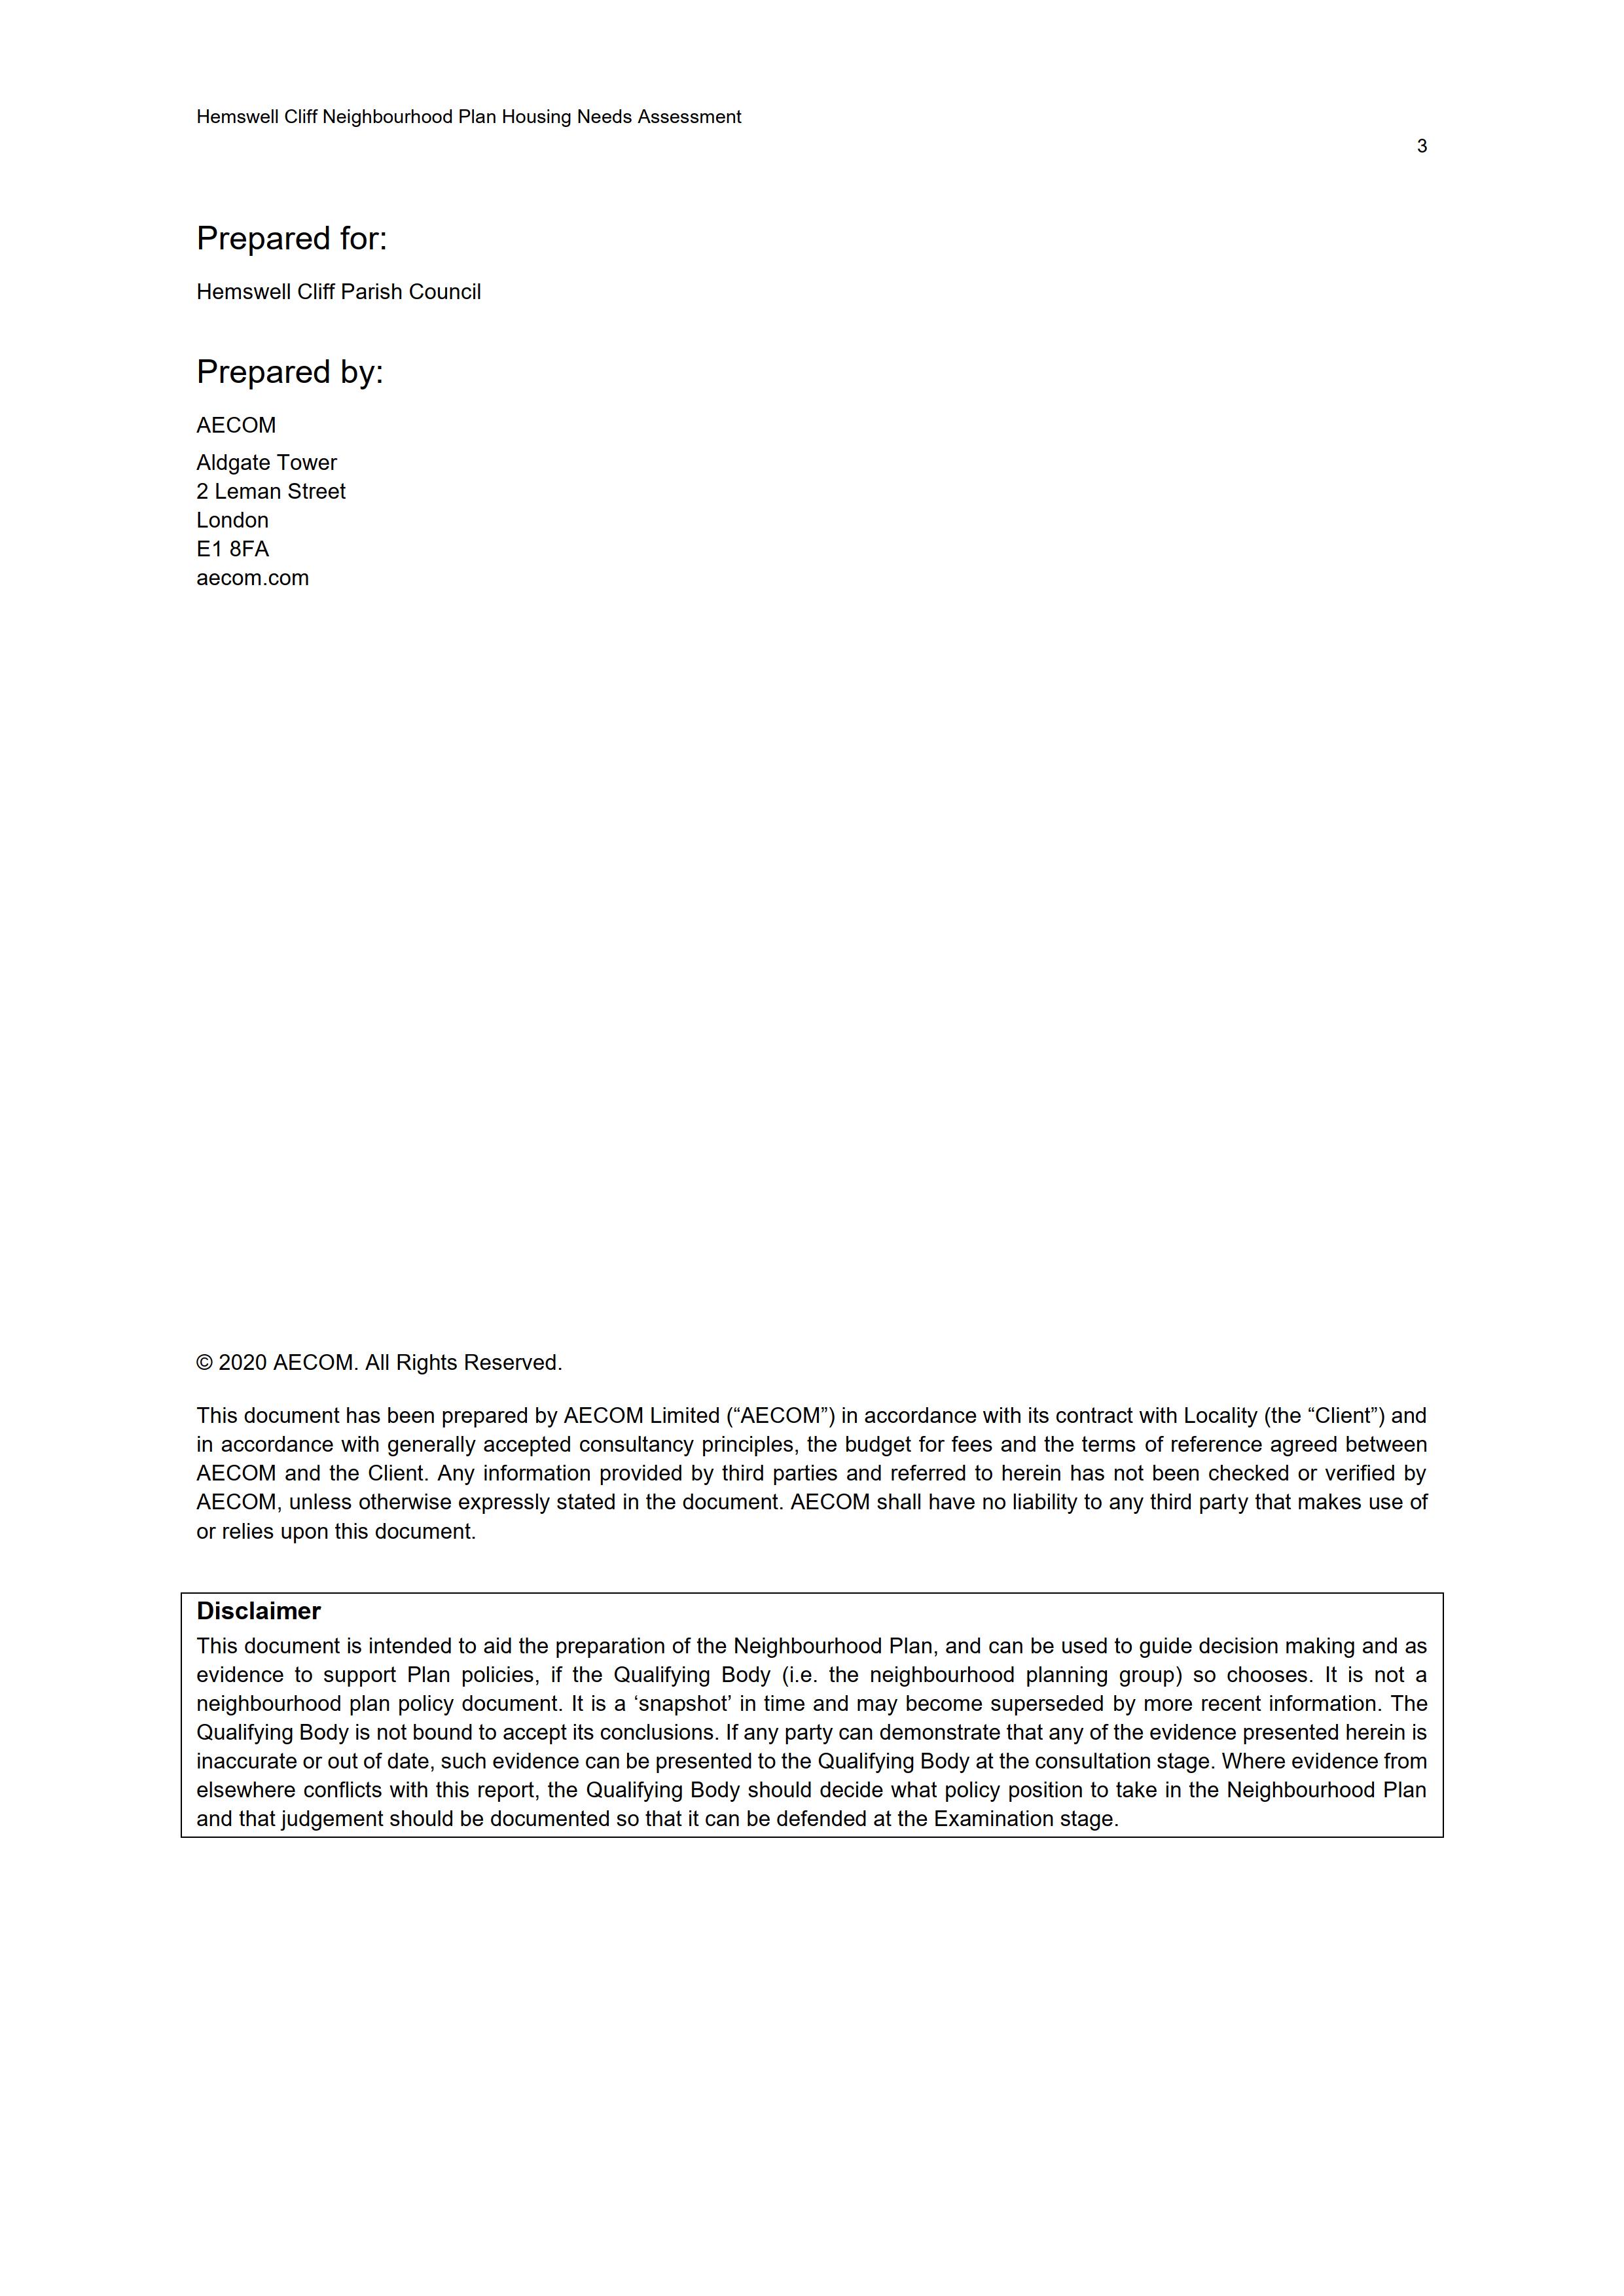 Hemswell_Cliff_Housing_Needs_Assessment_Final_03.png